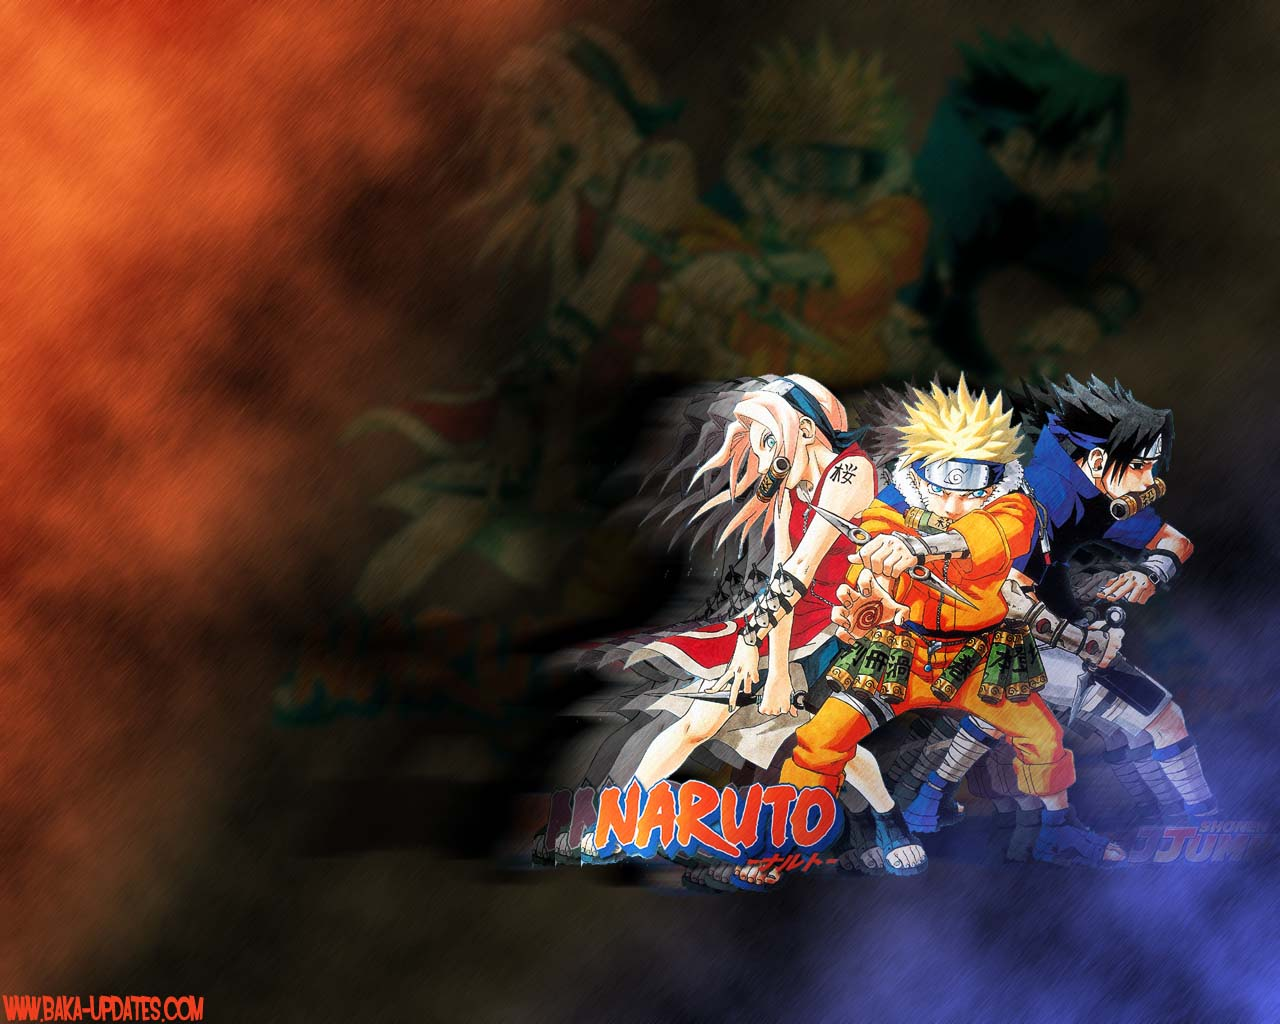 صور ناروتو Naruto2